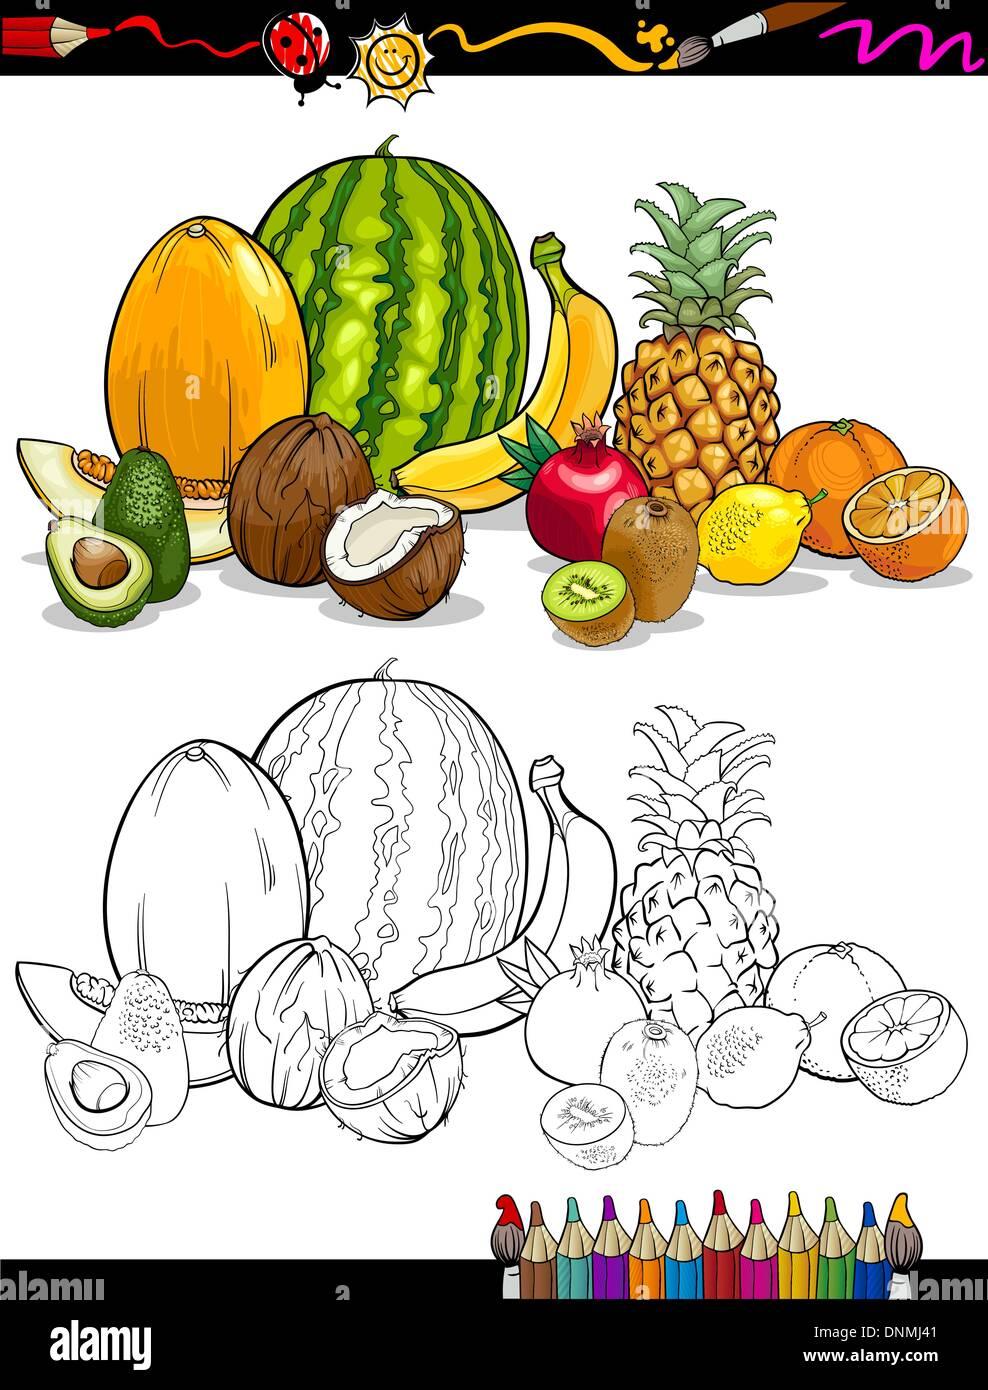 Libro Para Colorear Dibujos Animados Página O Ilustración De Frutas